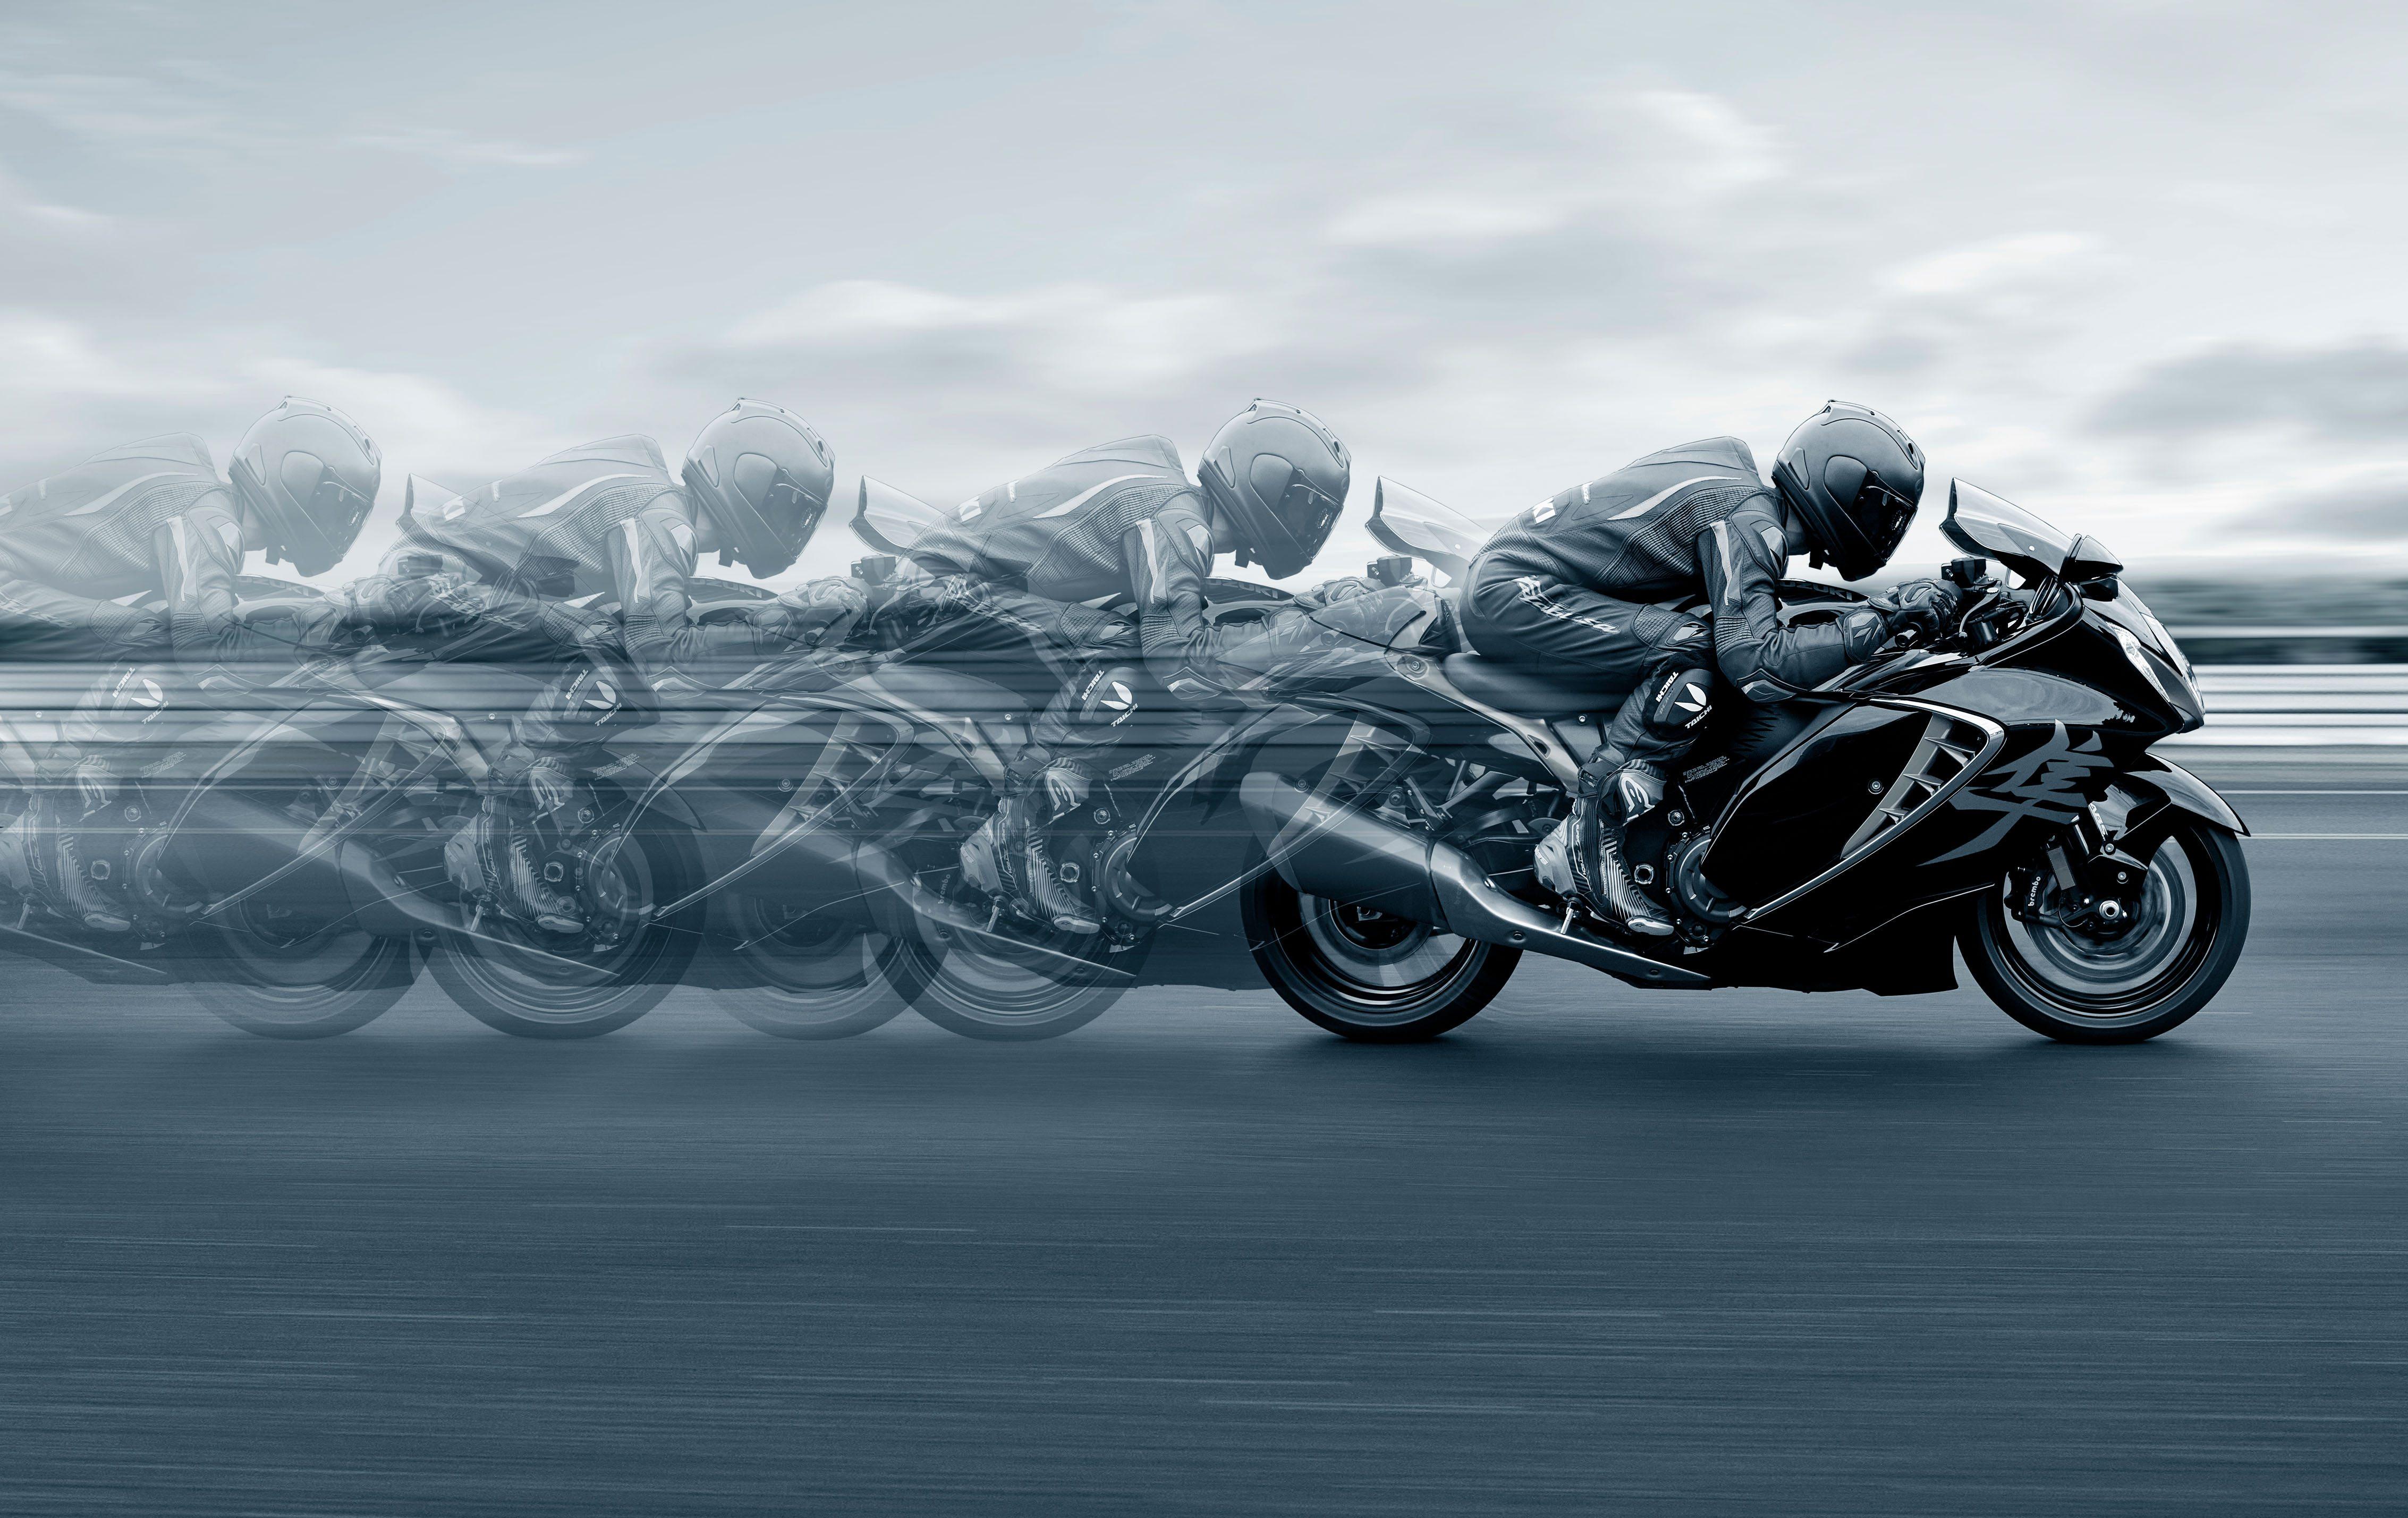 2022 suzuki hayabusa 4k 1616876731 - 2022 Suzuki Hayabusa 4k - 2022 Suzuki Hayabusa 4k wallpapers